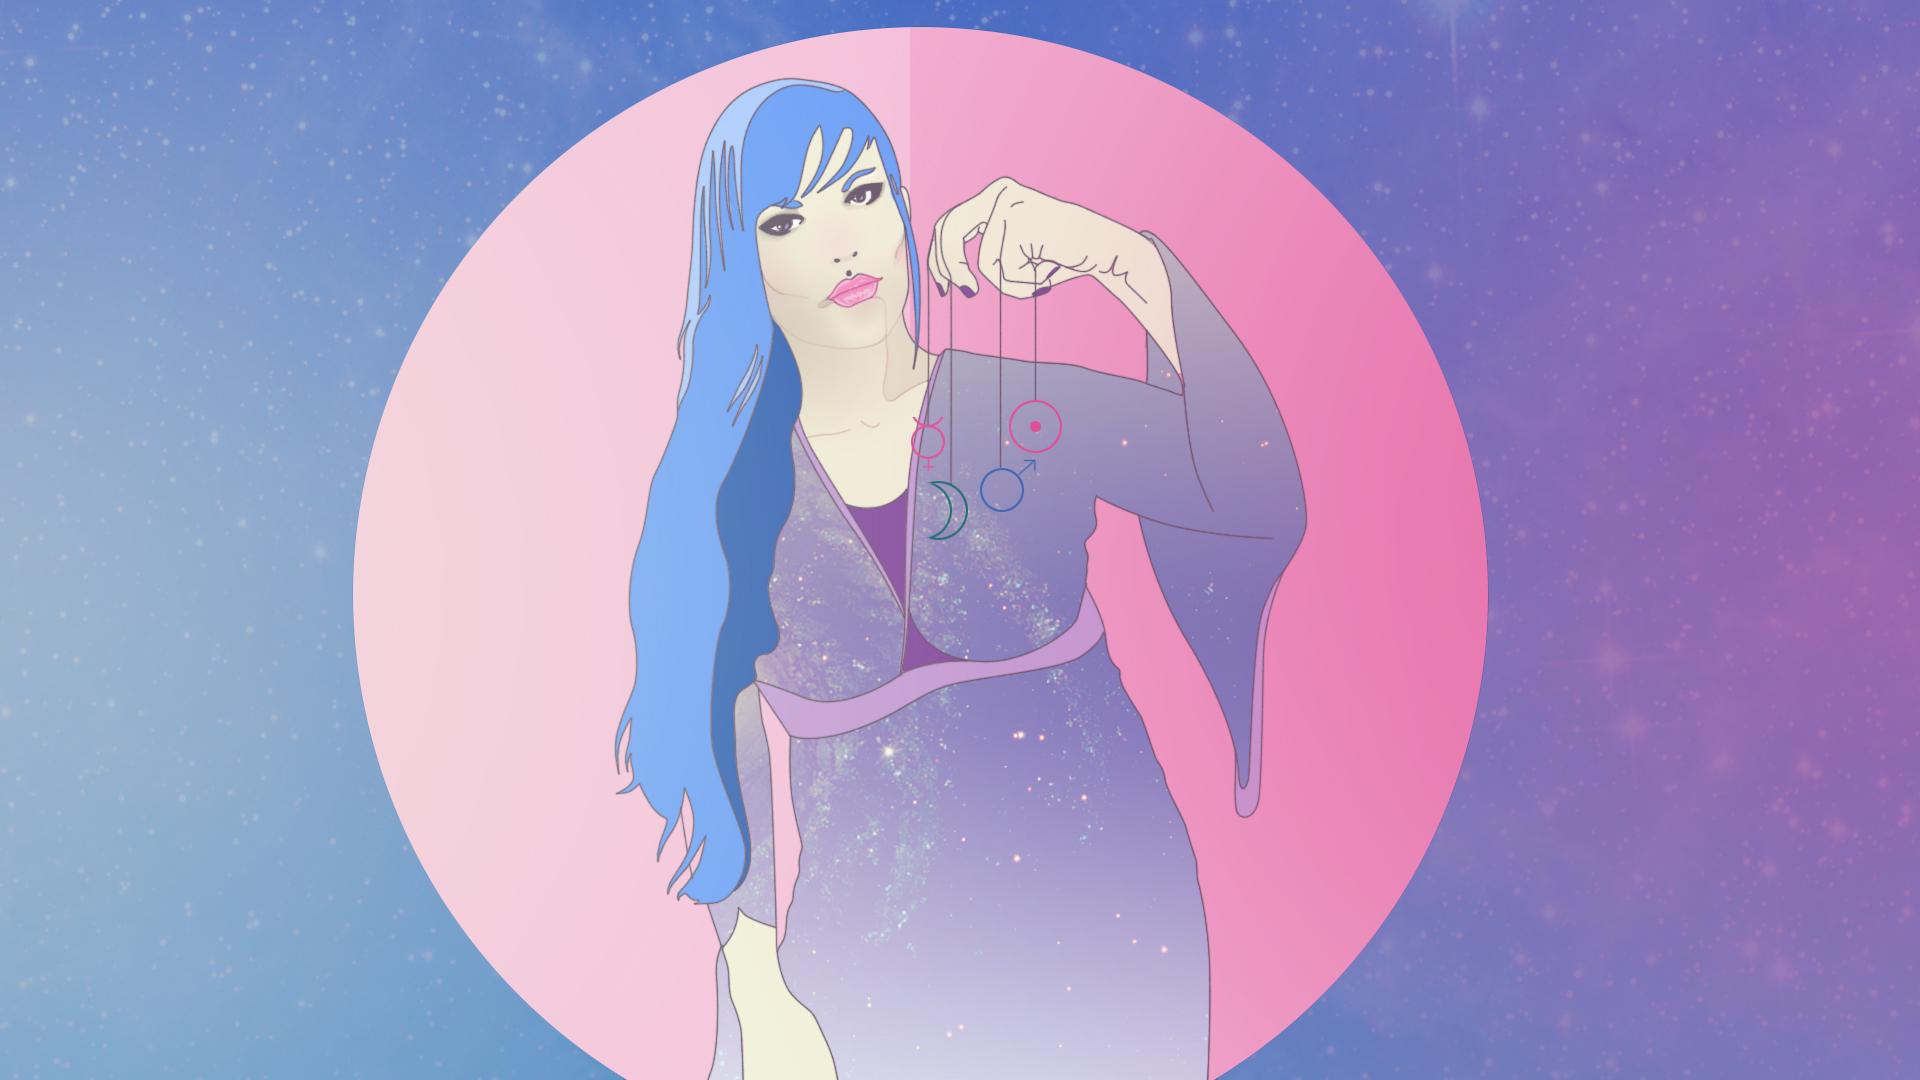 virgo moon release